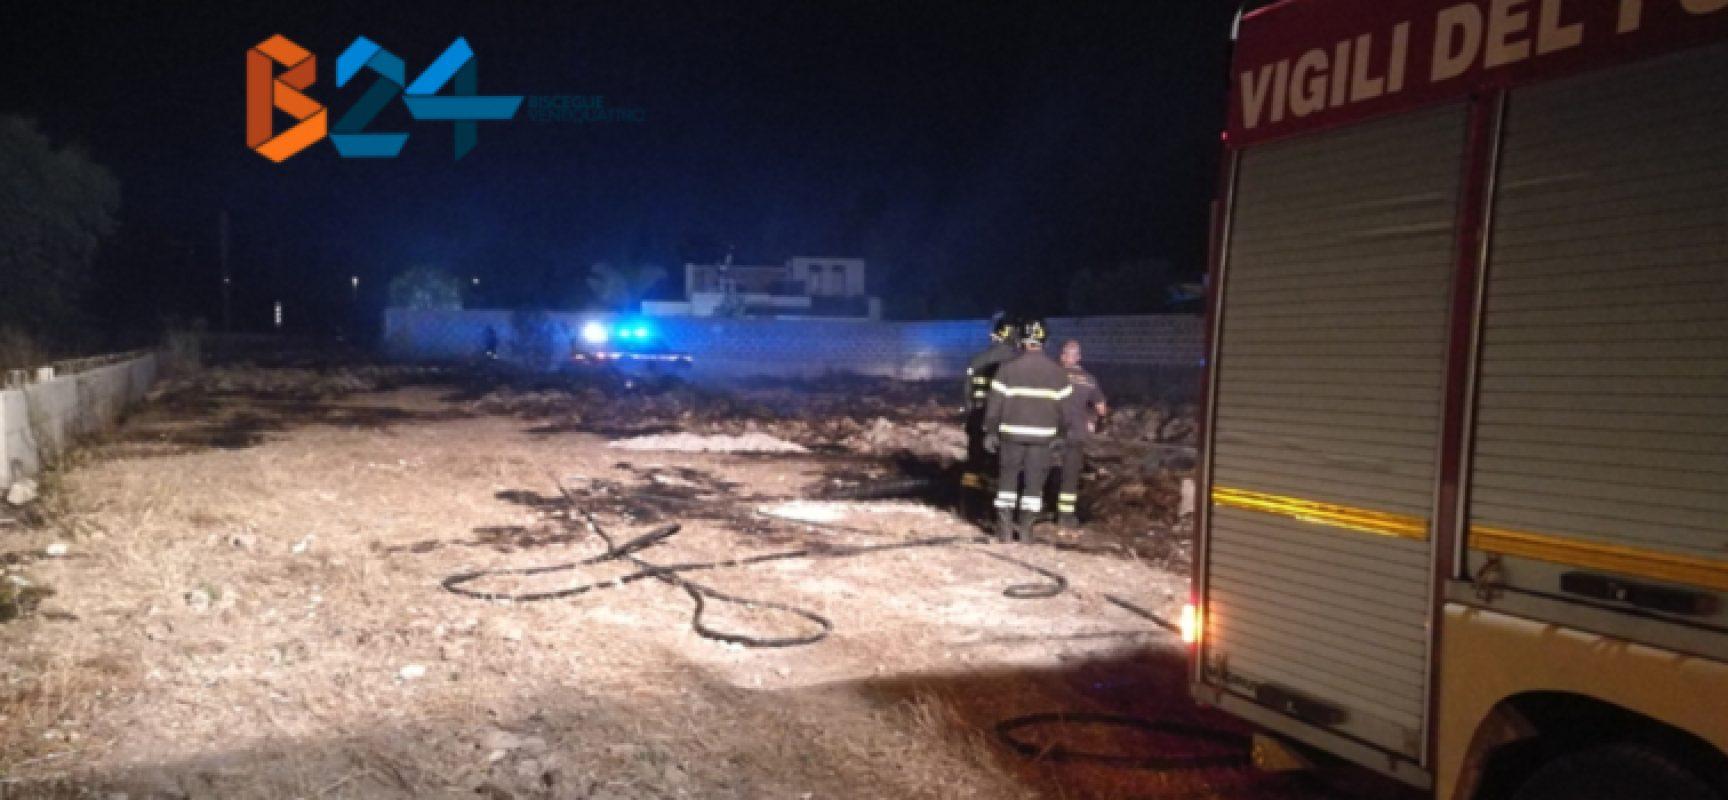 Incendio nella notte in terreno privato nei pressi dell'ospedale